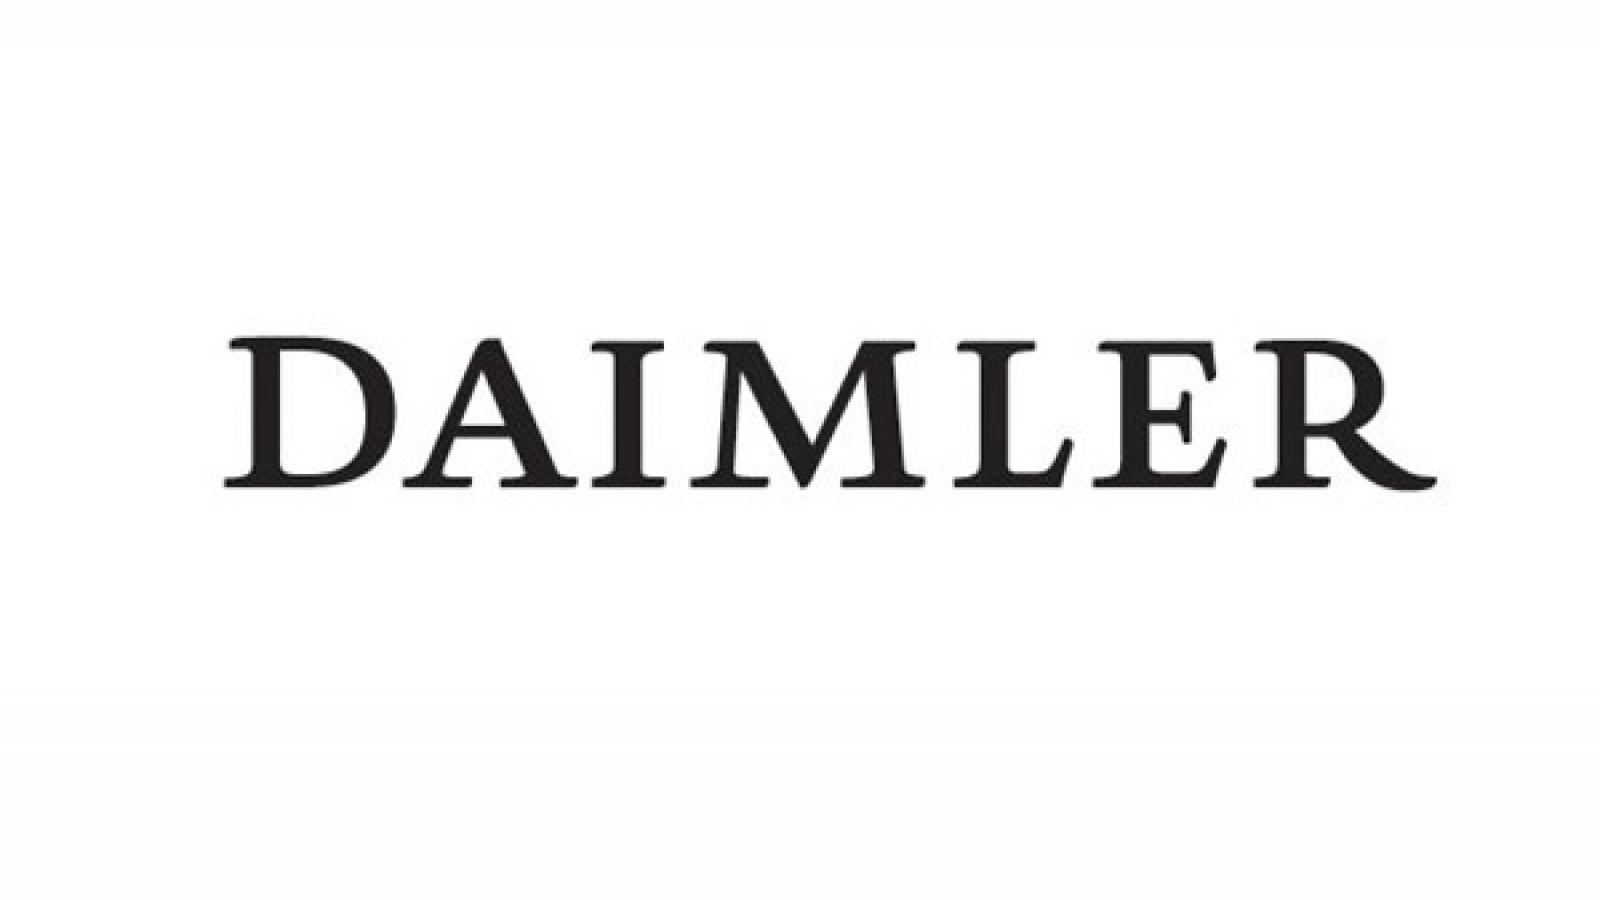 پیشدستی دایملر برای اجتناب از توقف تولید - اجاره خودرو طباطبایی